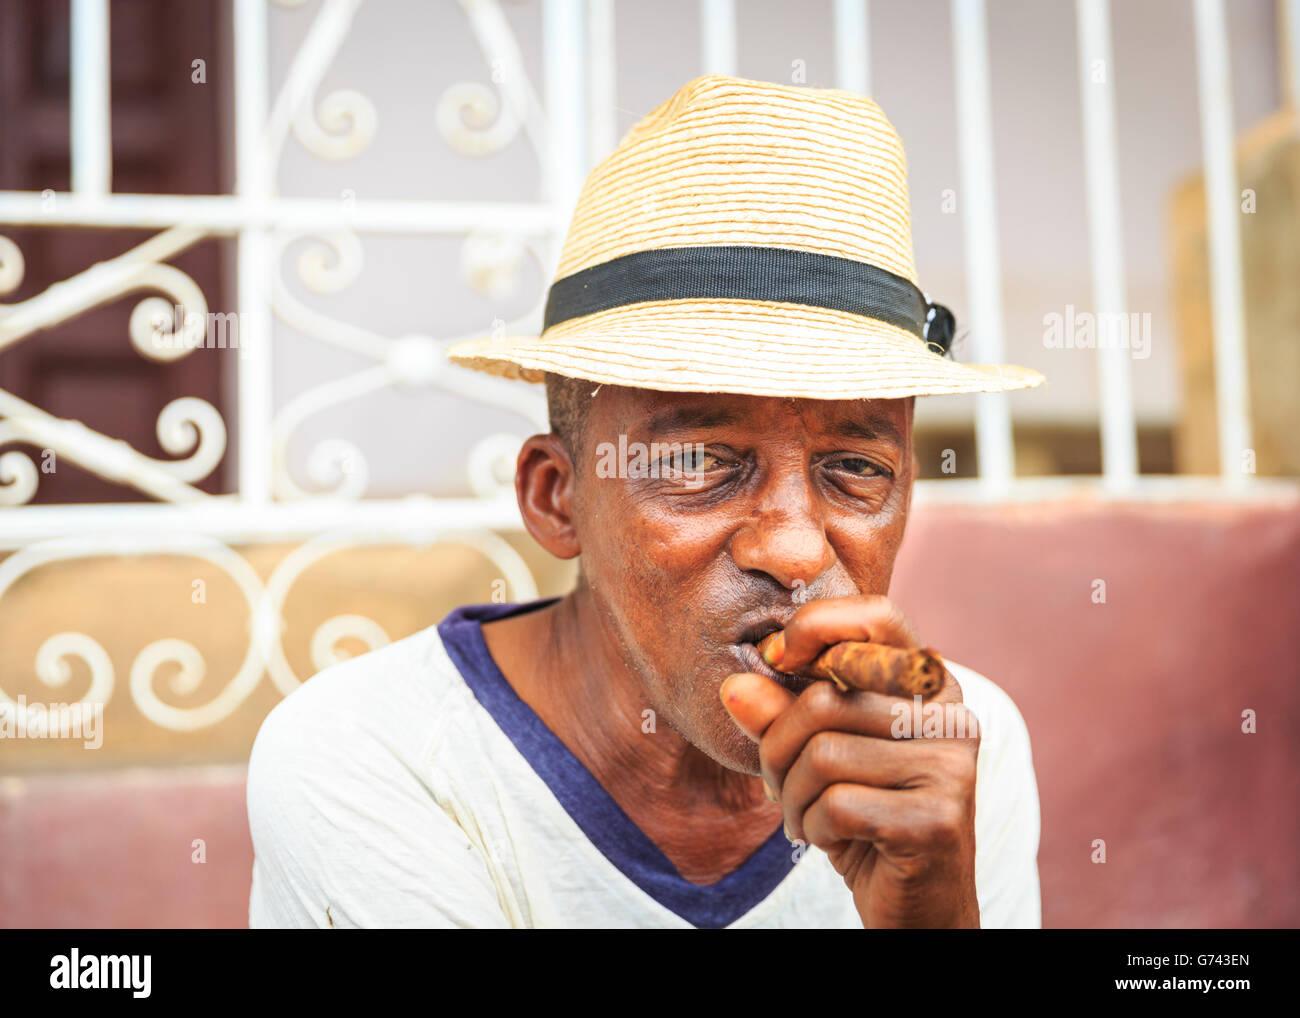 Cuban man smoking cigar c716d6df29a8